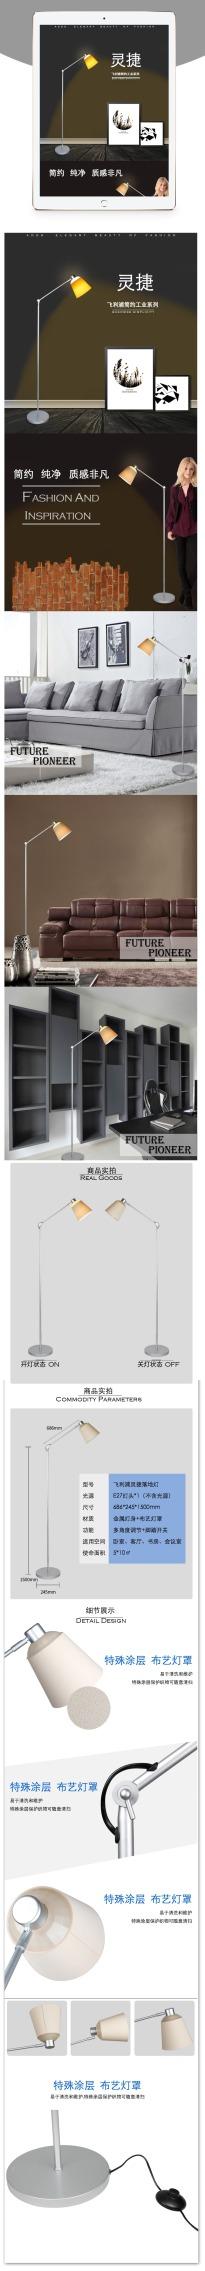 简约质感LED落地灯电商详情图